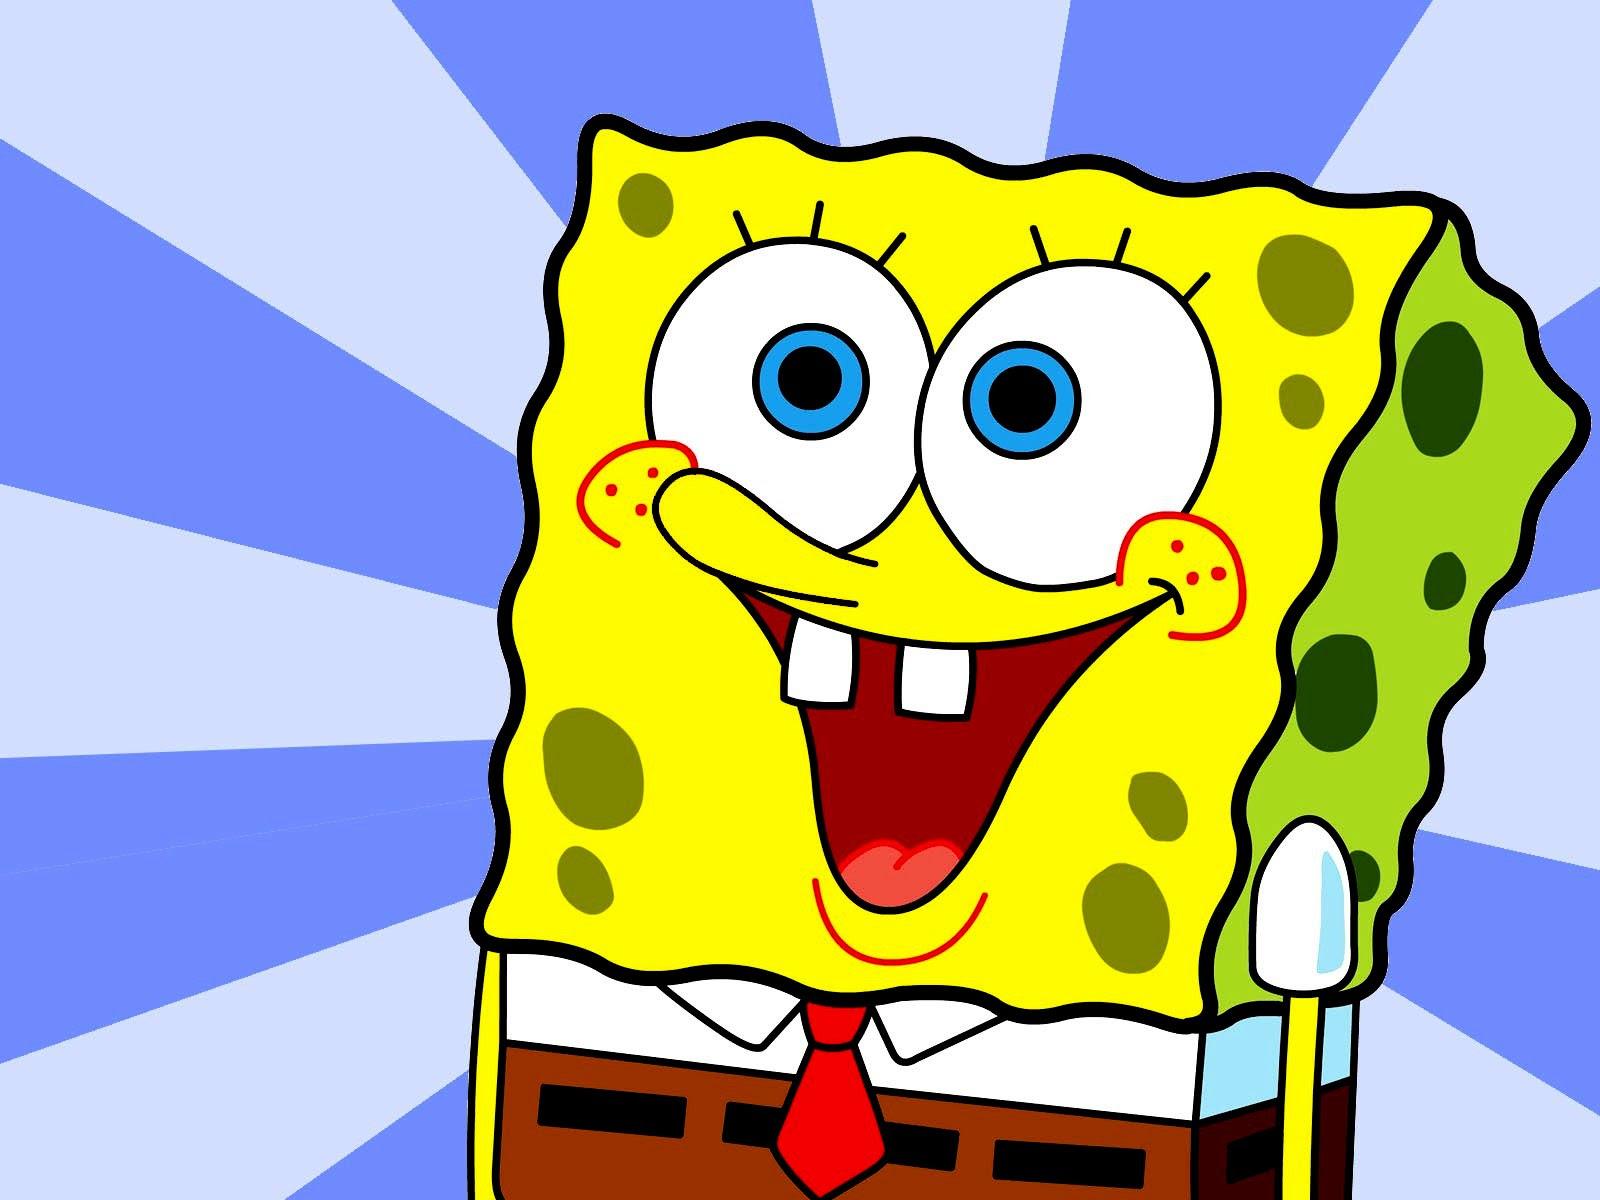 Download Gambar Wallpaper Spongebob Gudang Wallpaper